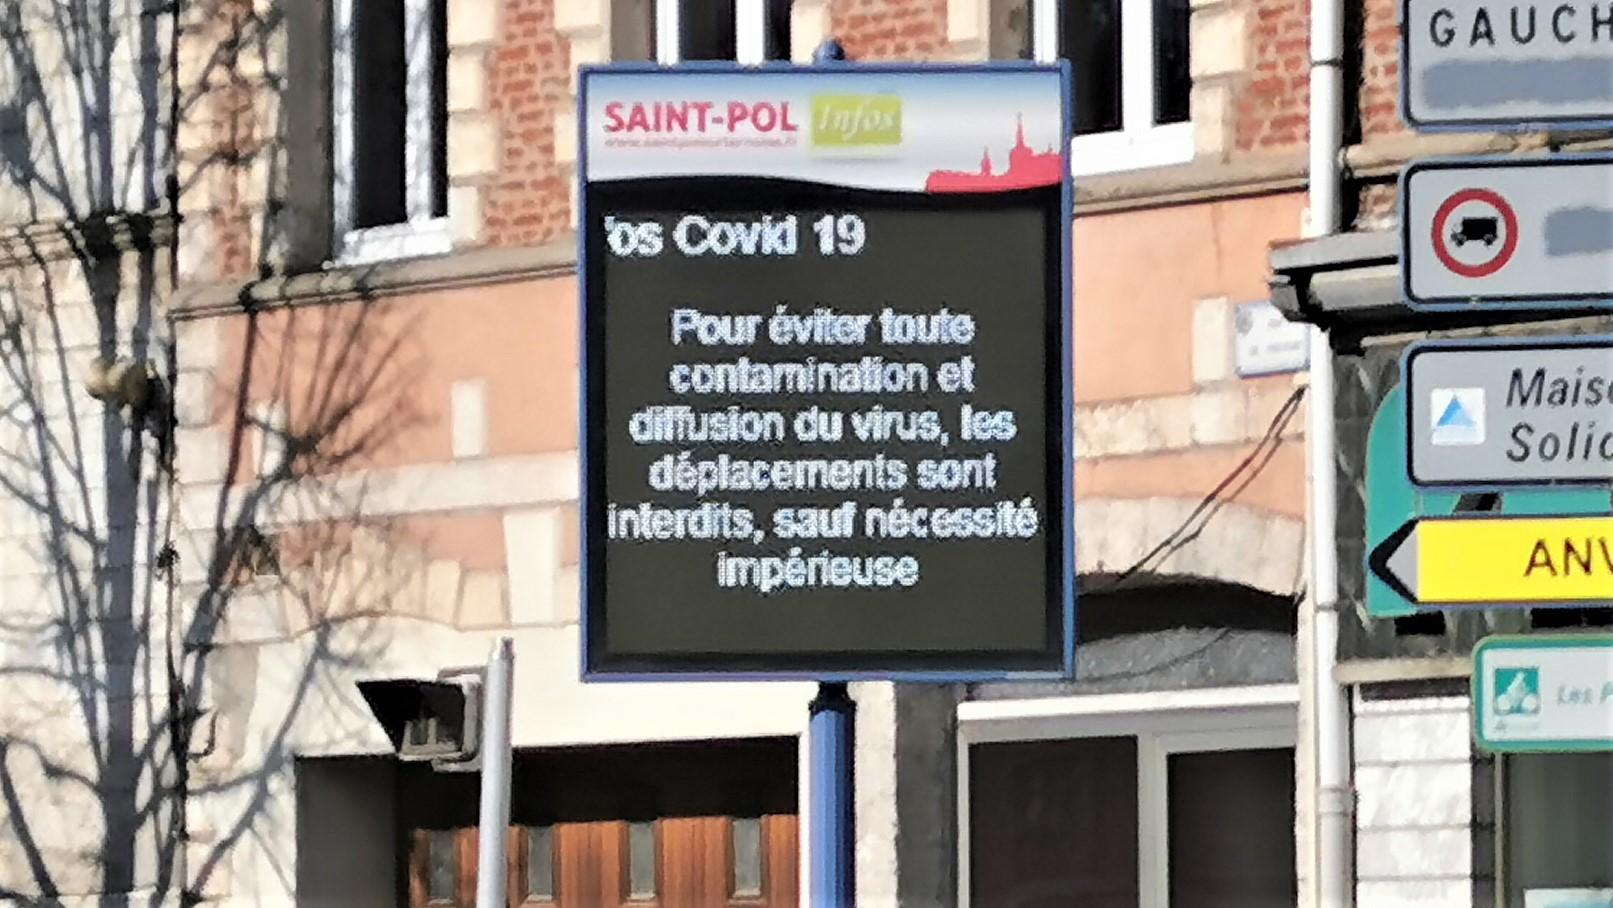 Deux suspicions de COVID-19 signalées à Saint-Pol : une mère et son fils confinés